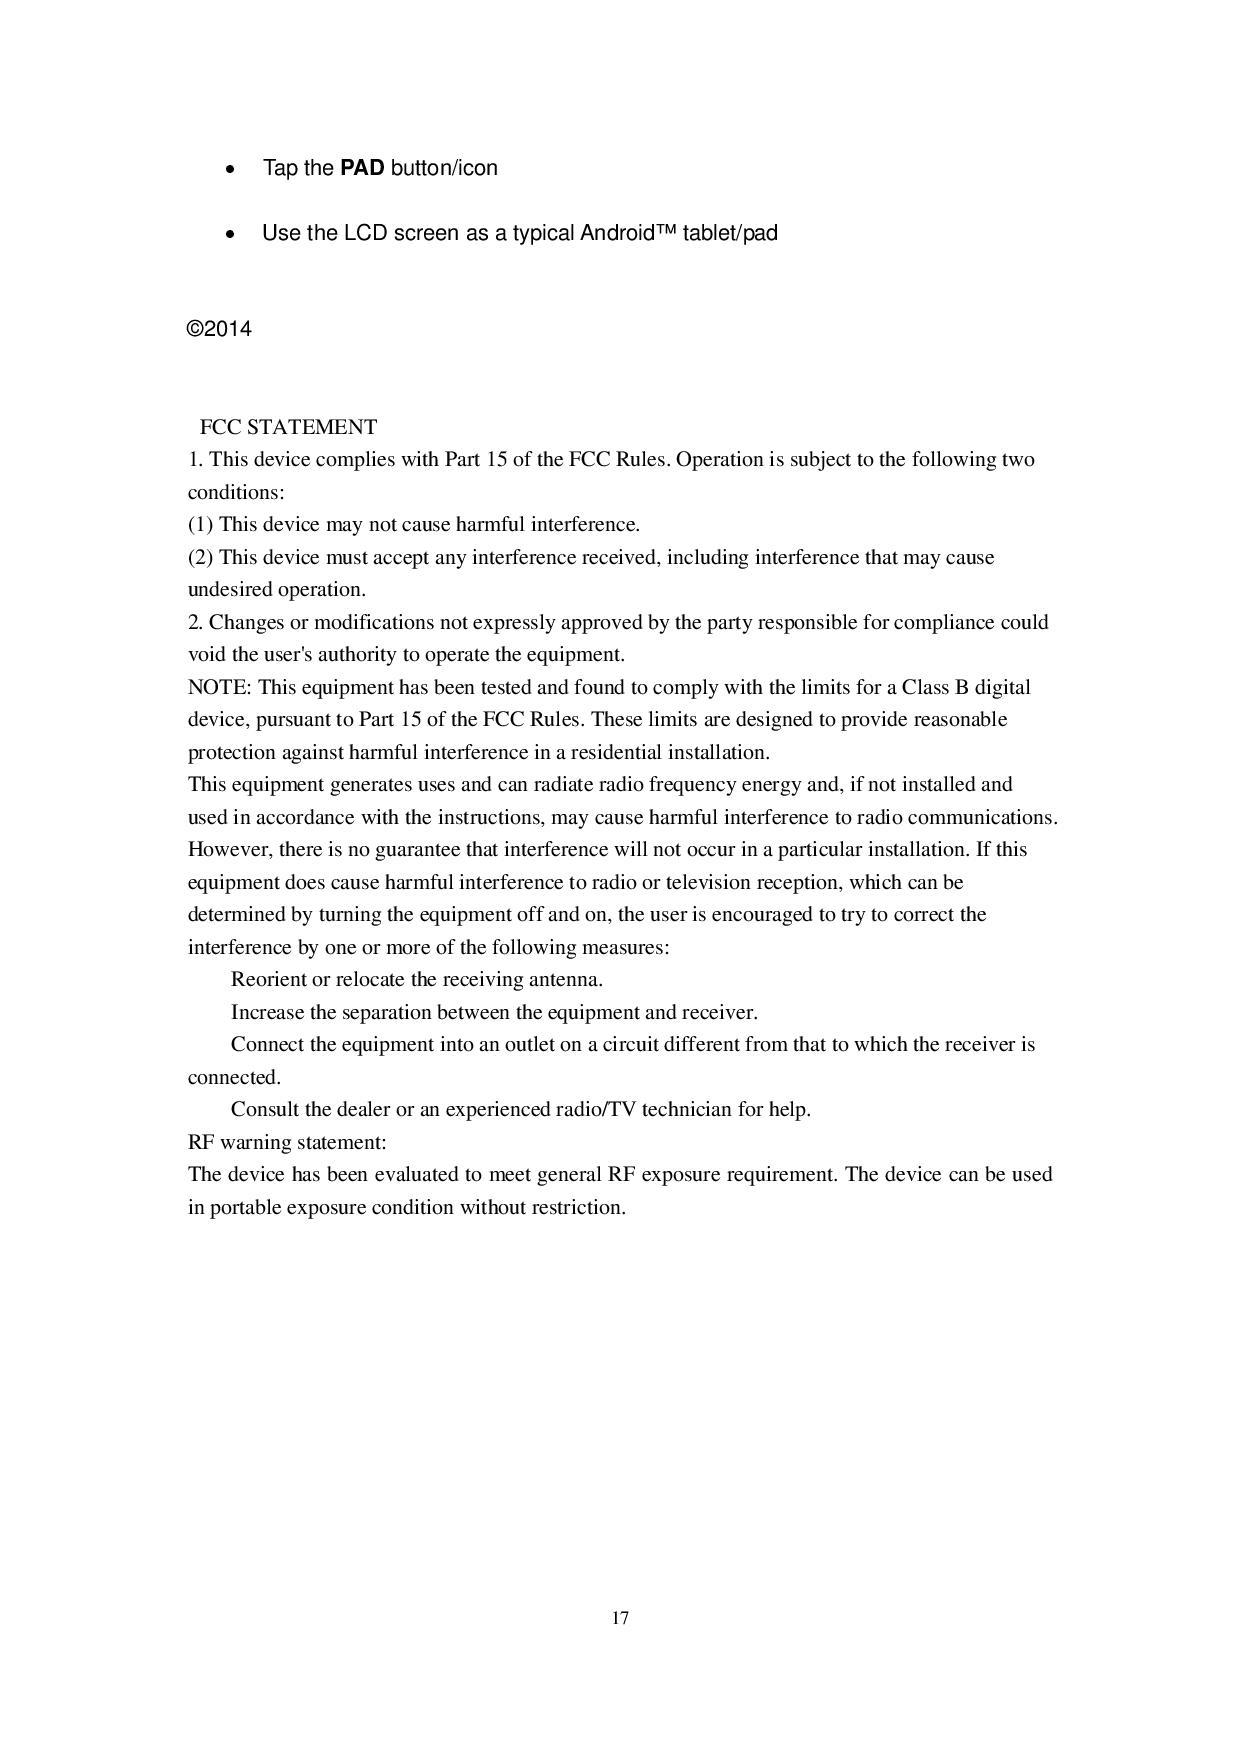 FCCID.NET-2301184-page-017.jpg